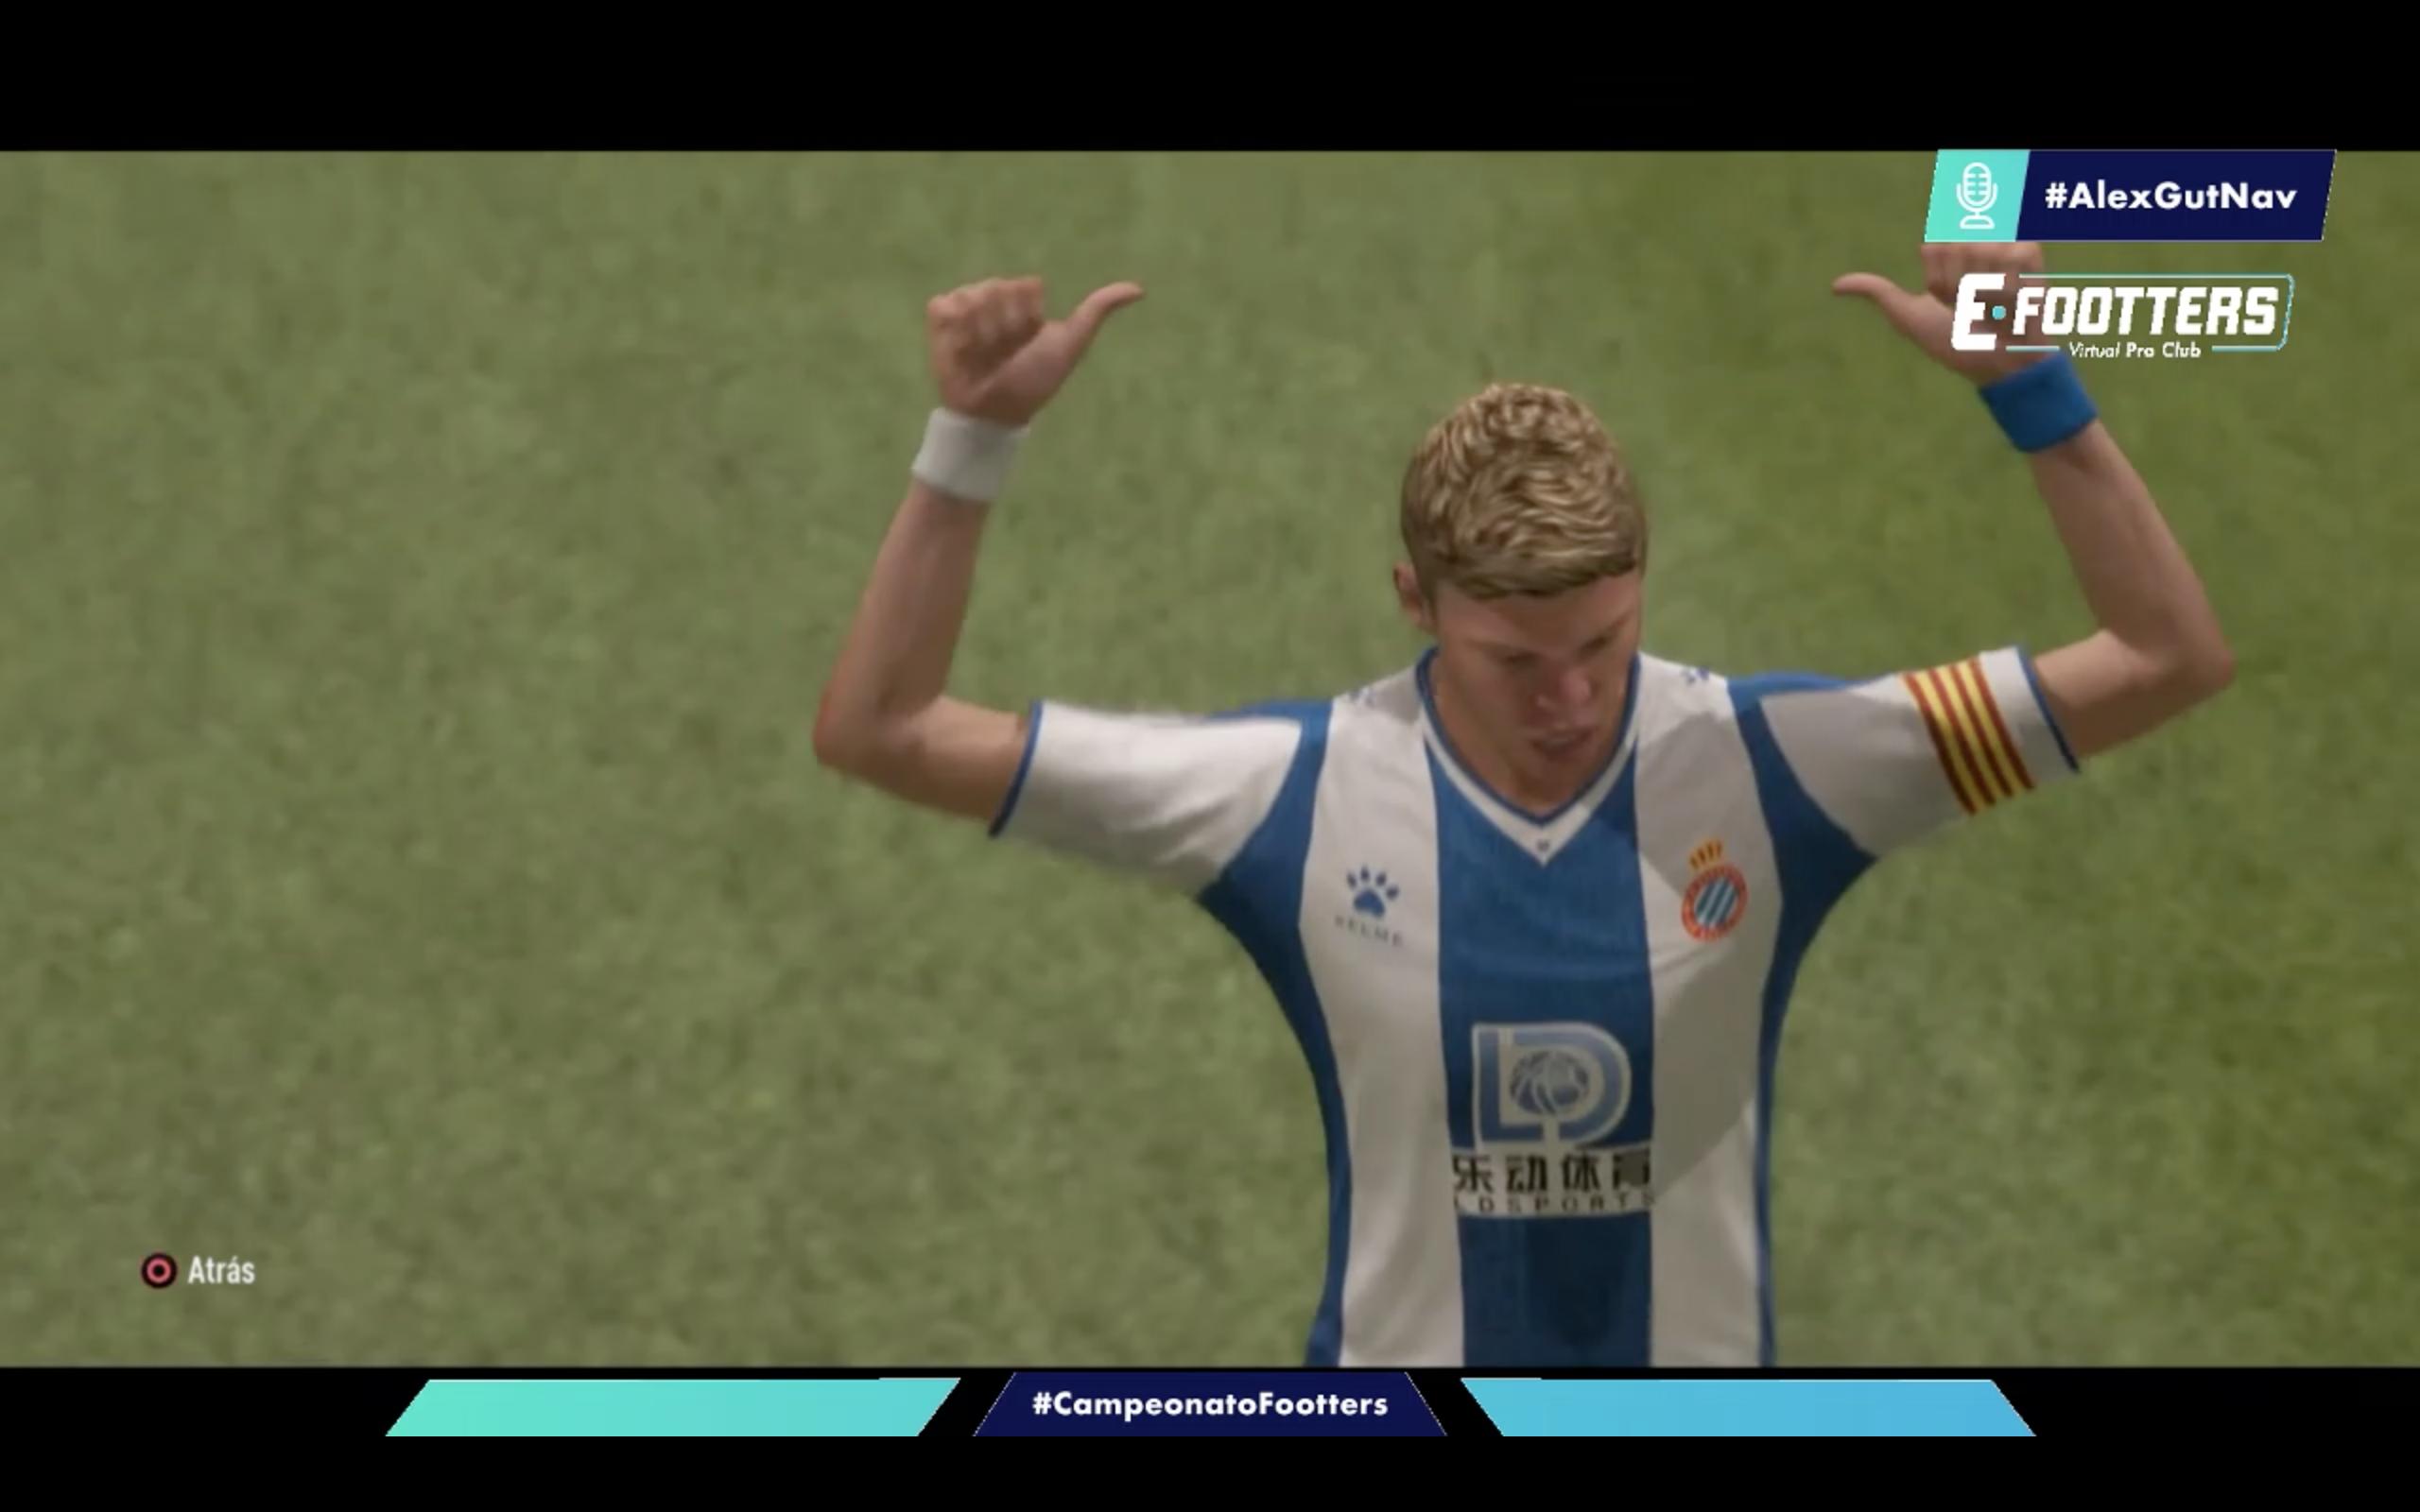 Imagen de Kilian celebrando su gol, que suponía el 0-2 para el Espanyol